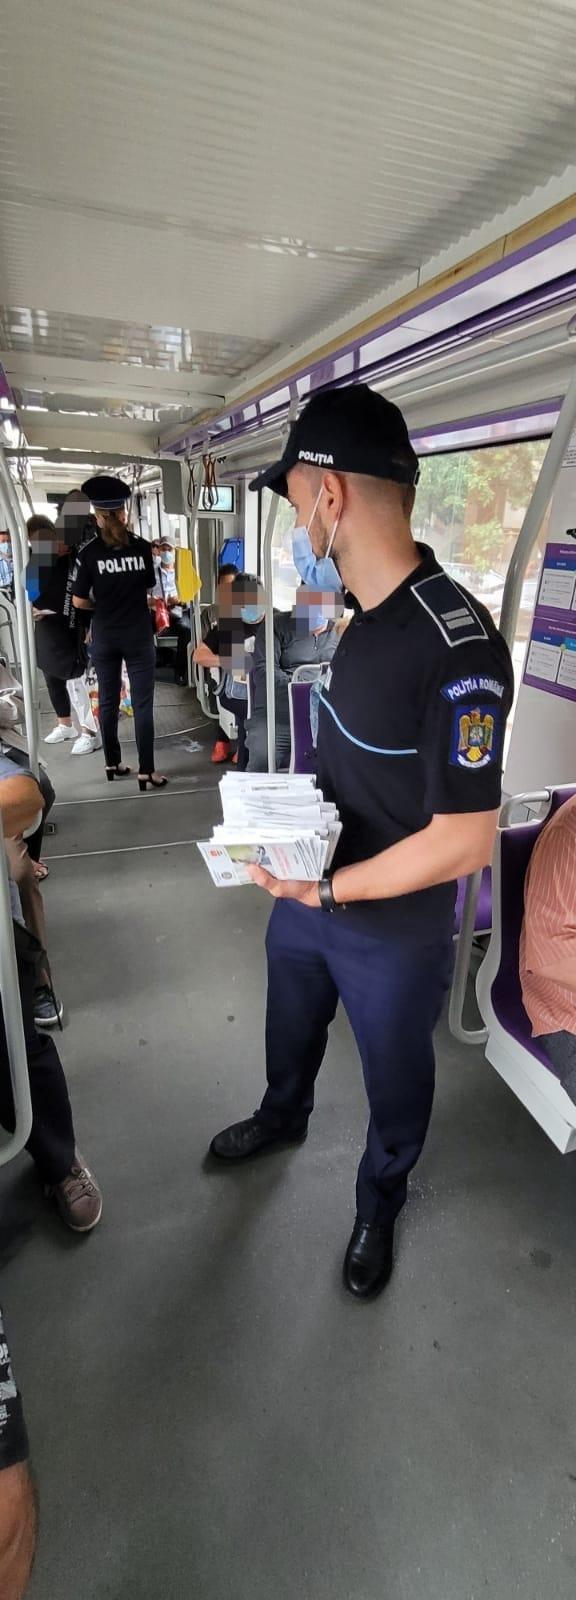 Acțiune pentru prevenirea furturilor din buzunare, în mijloacele de transport în comun din Timișoara